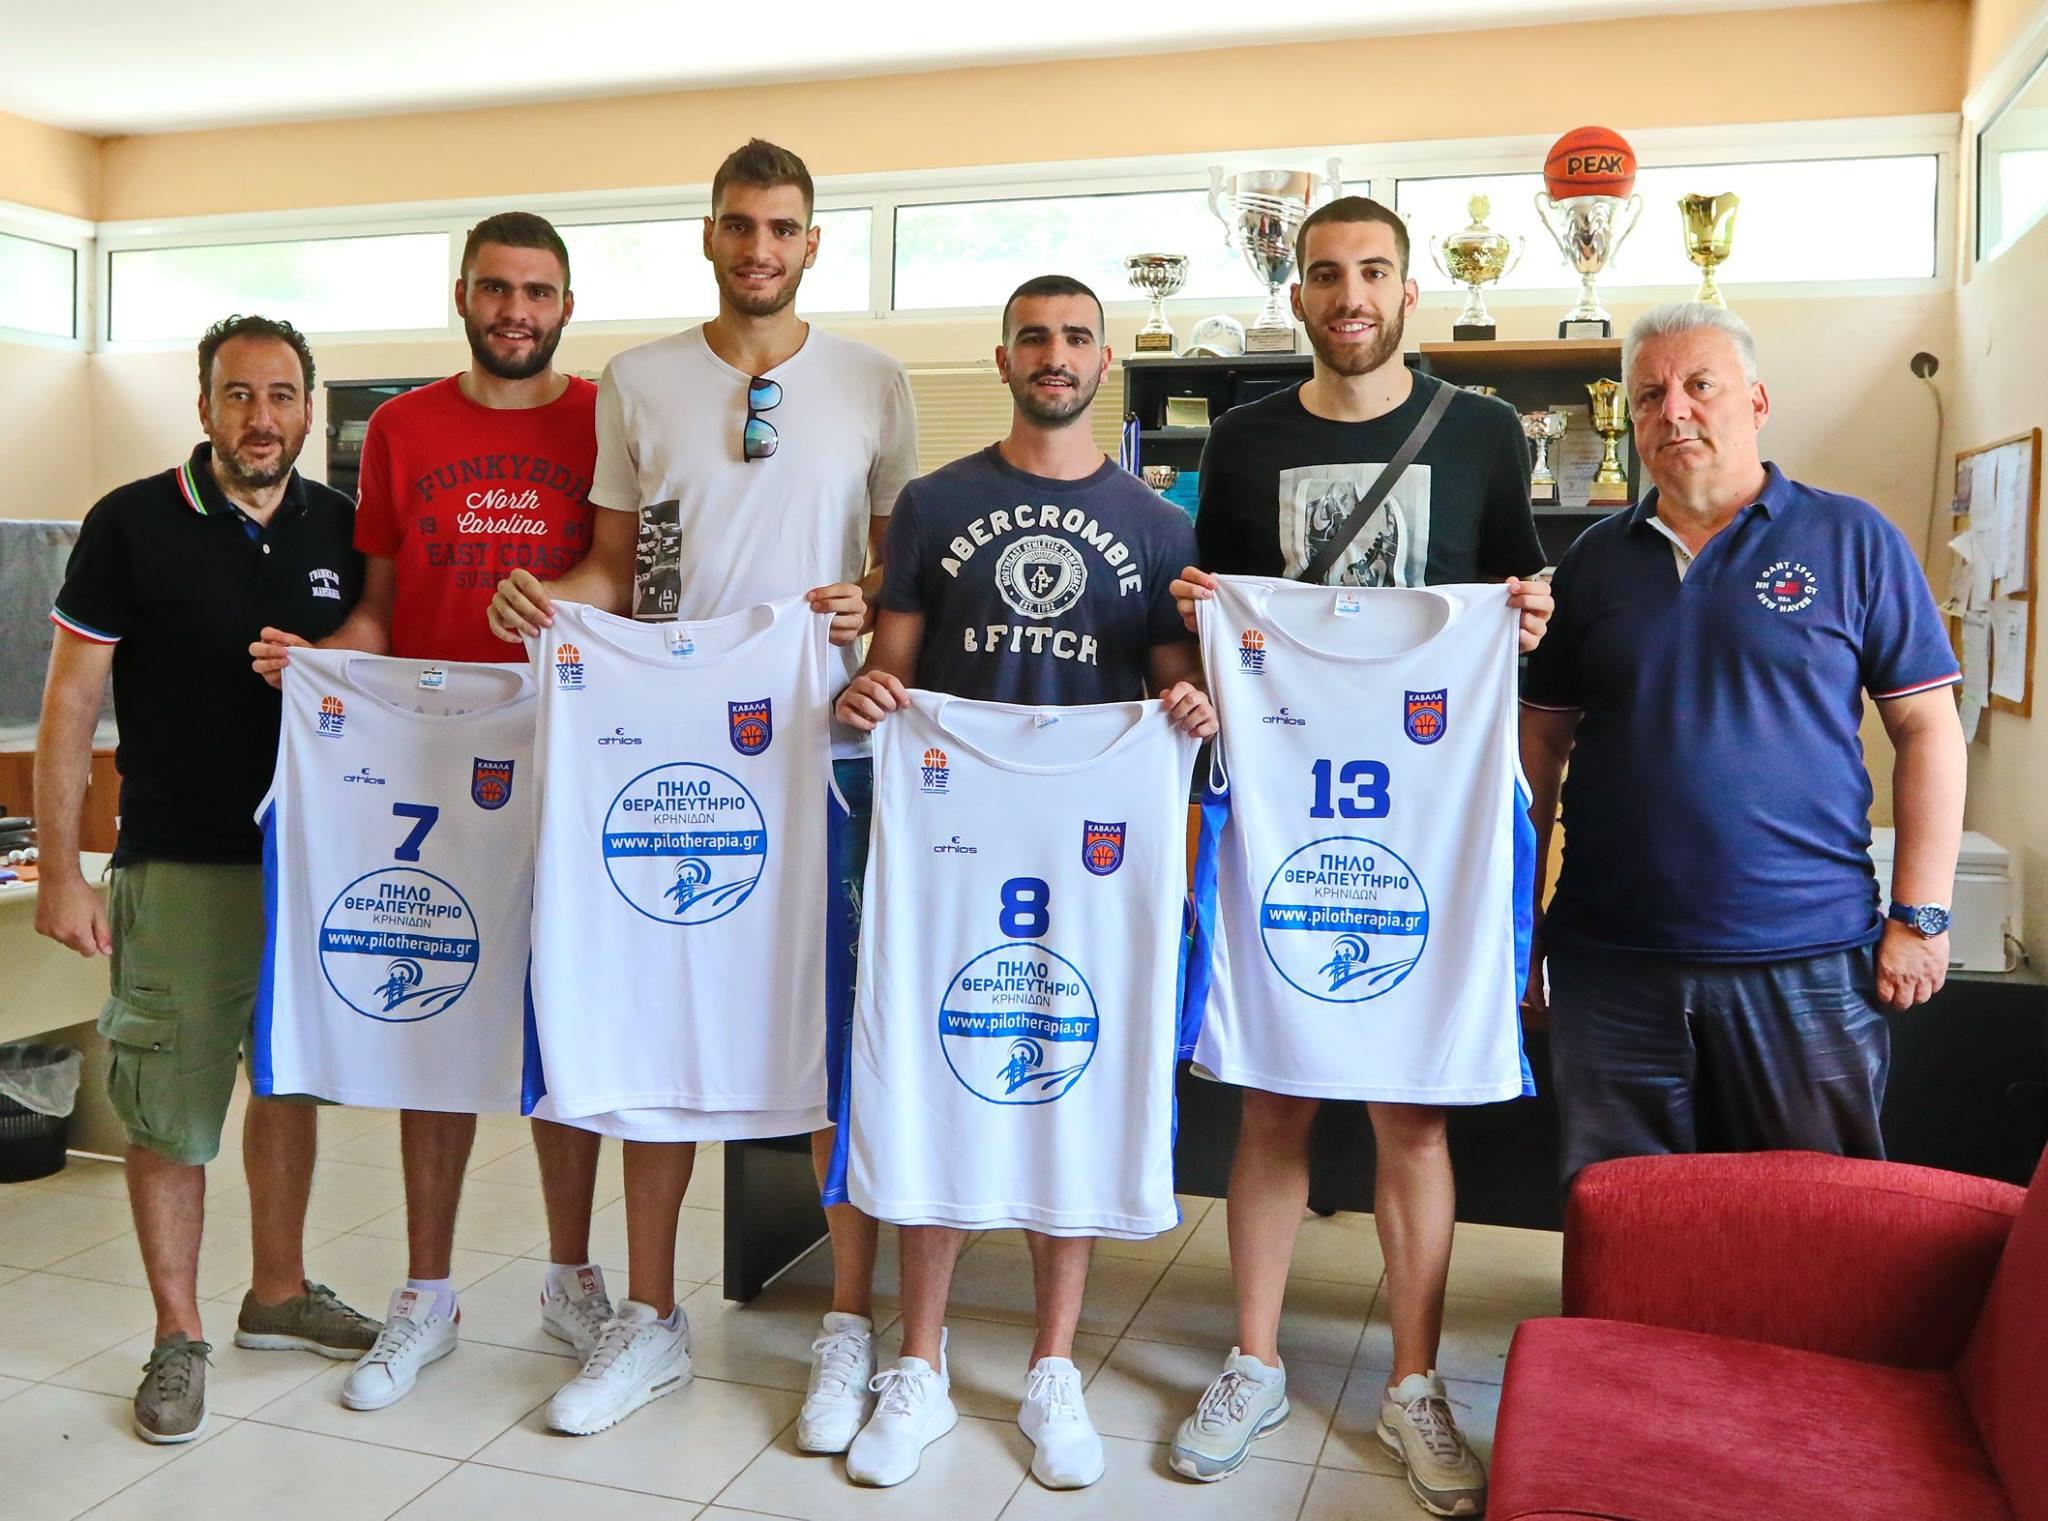 Ανακοίνωσε τέσσερις παίκτες η Καβάλα - Sportime.GR